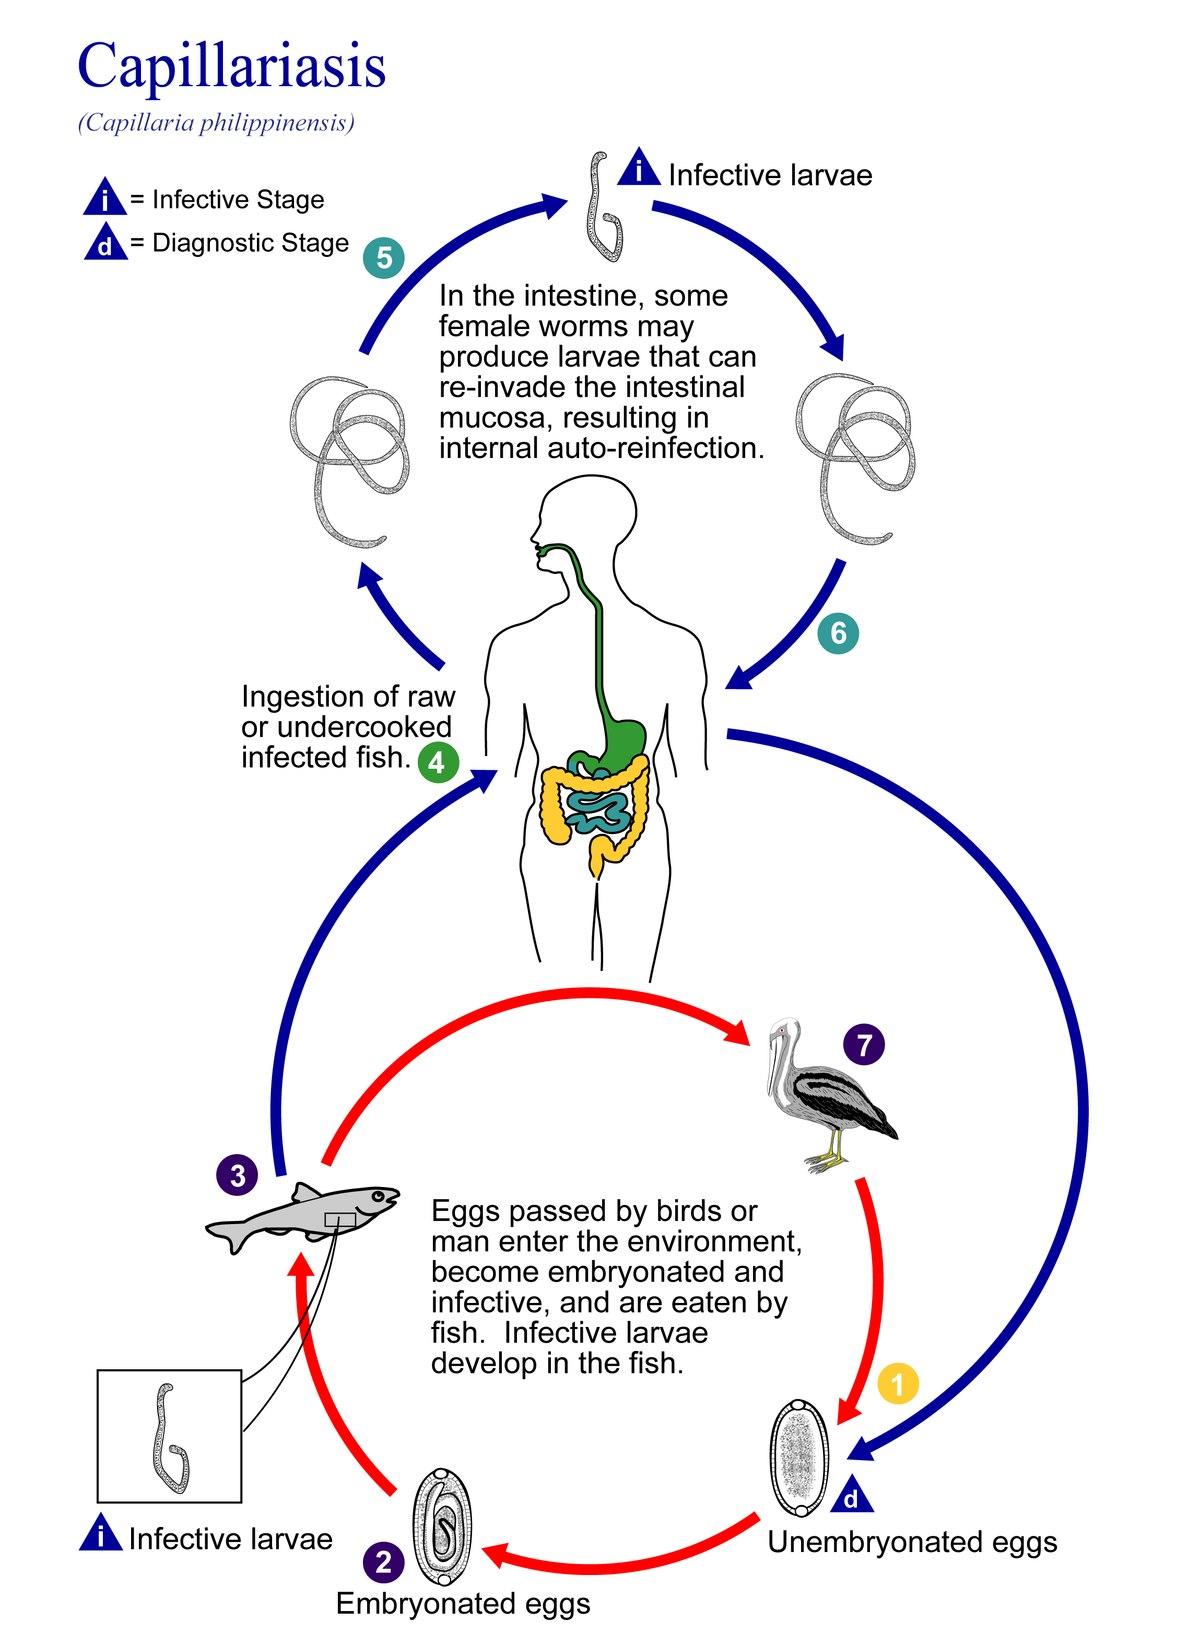 parasitismo intestinal en filipinas